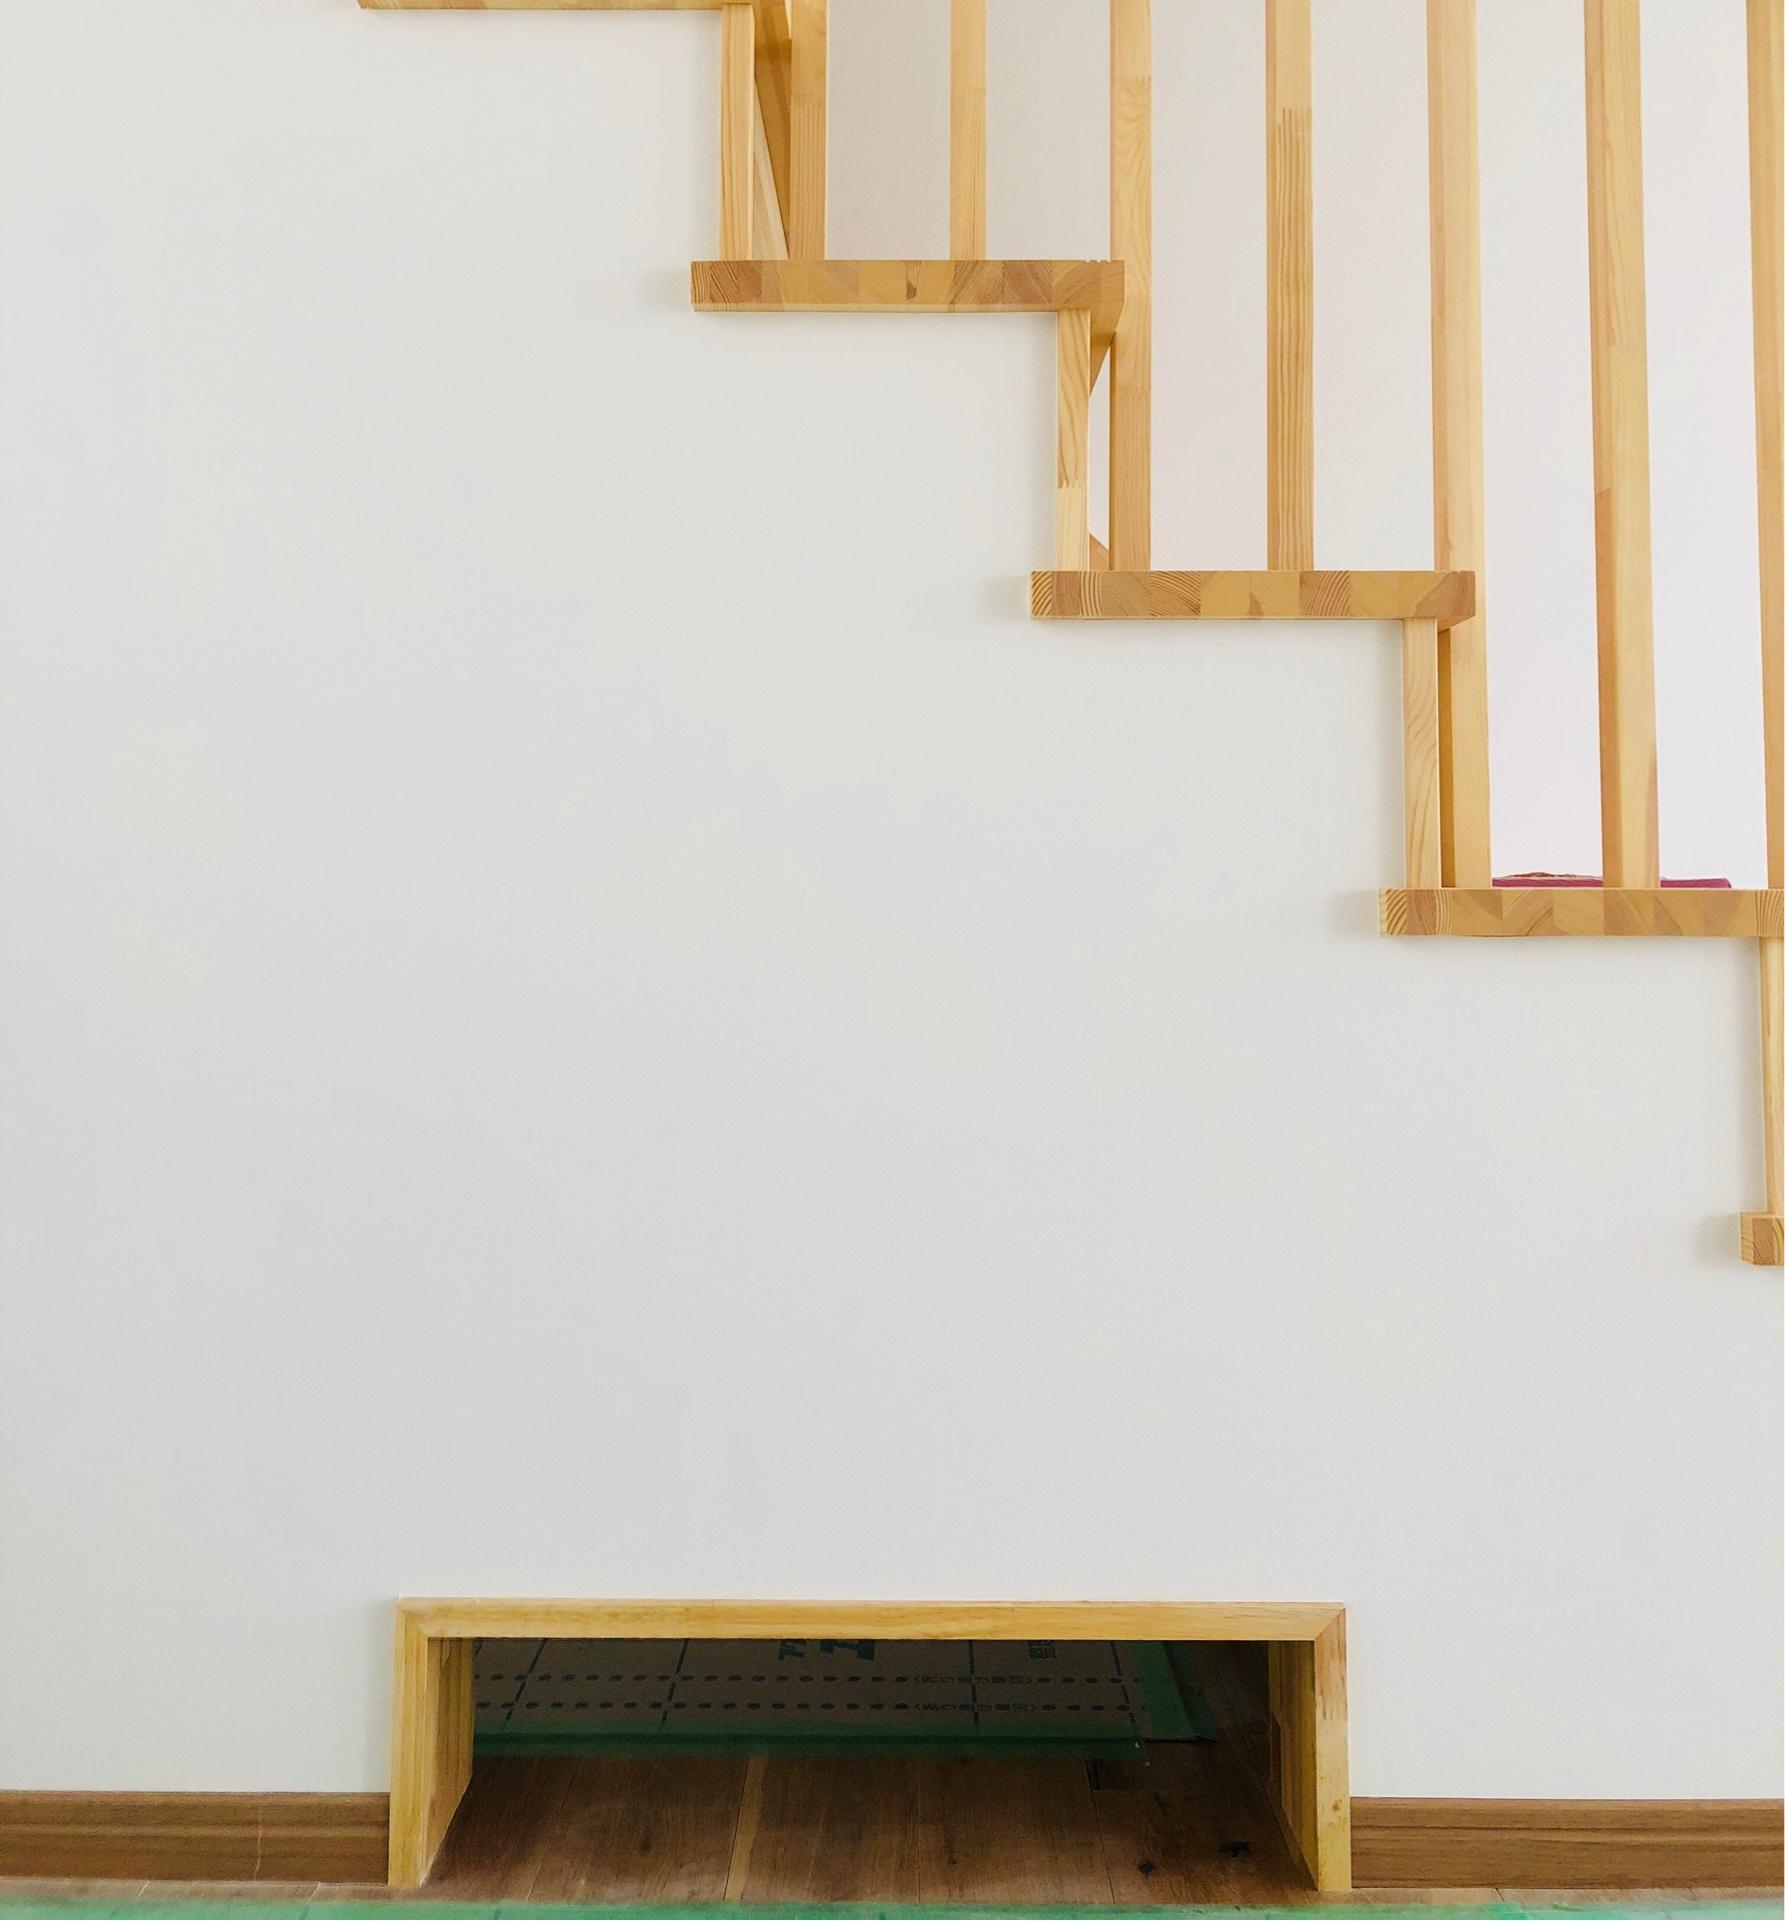 美濃加茂の匠建はお掃除ロボの家も作る